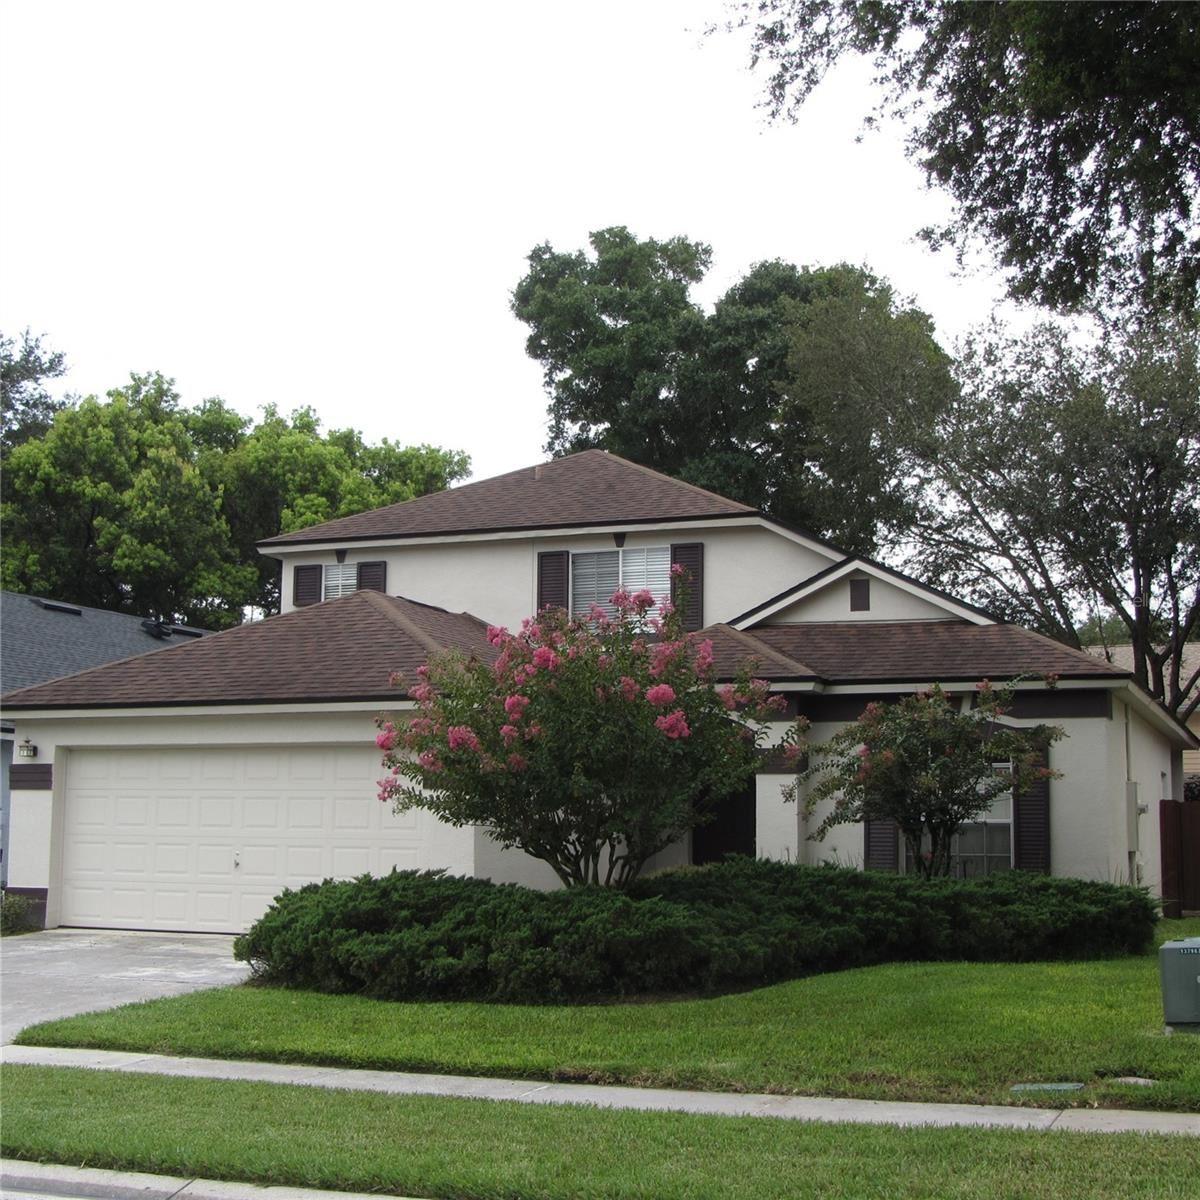 5021 SWEET LEAF COURT, Altamonte Springs, FL 32714 - #: O5957891